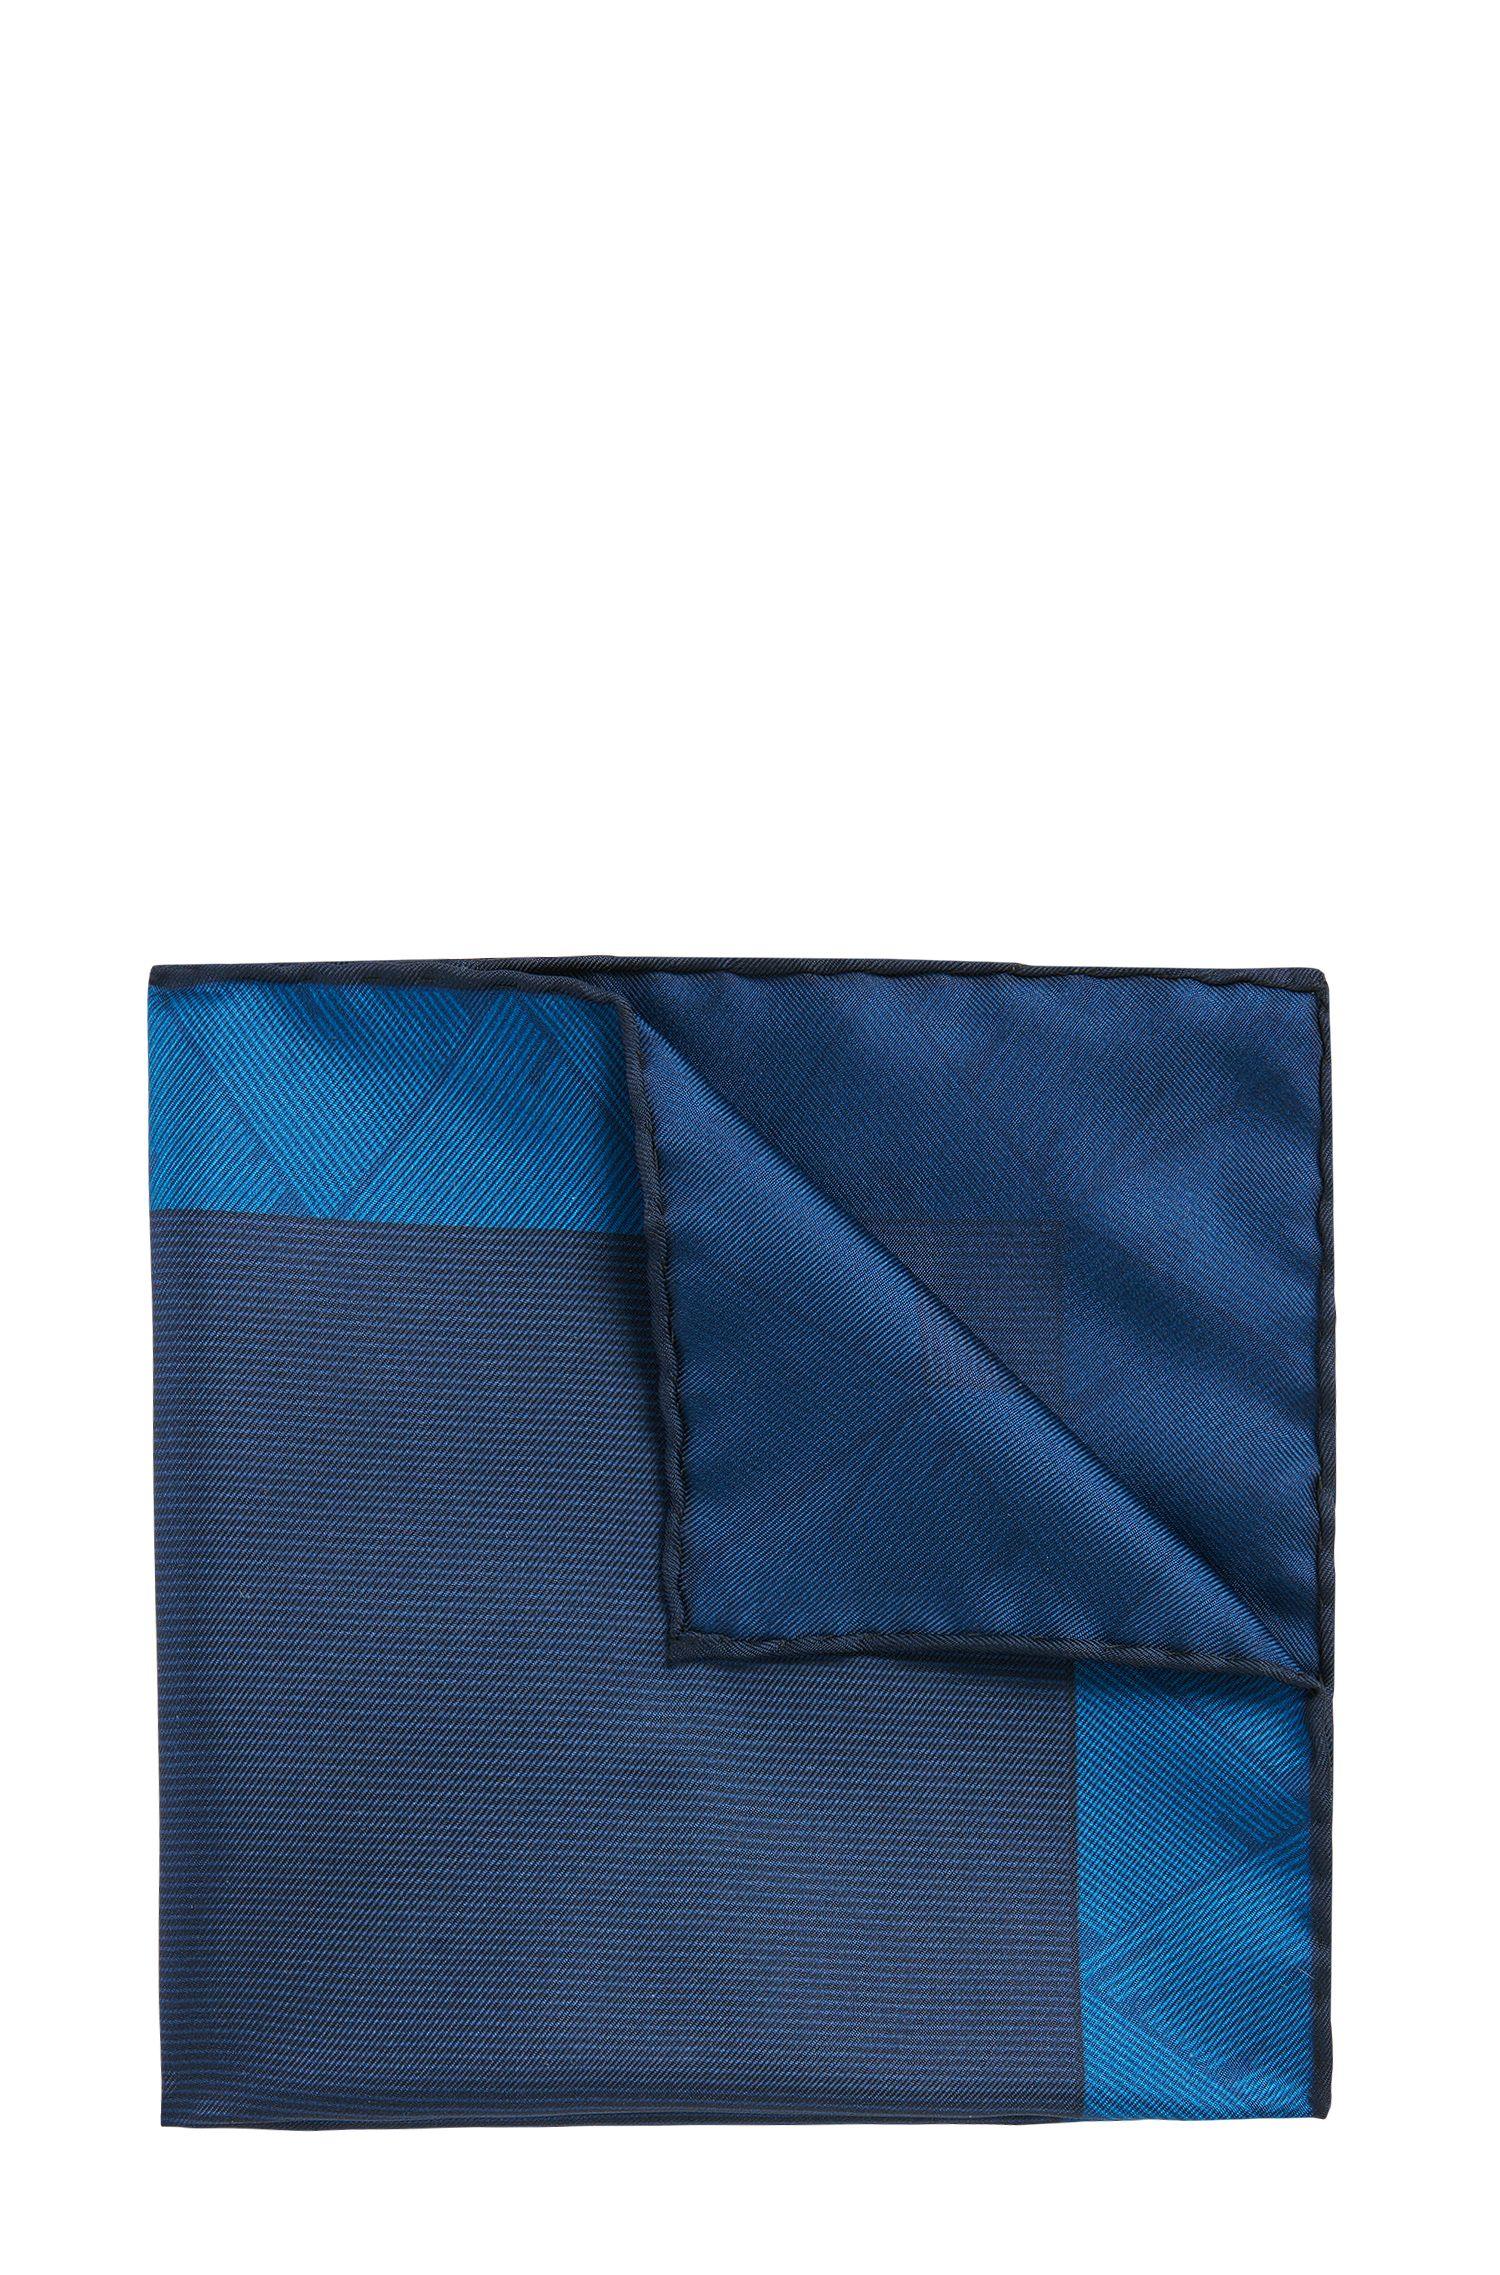 Dezent gemustertes Tailored Einstecktuch aus Seide: 'T-Pocket sq. cm33x33'